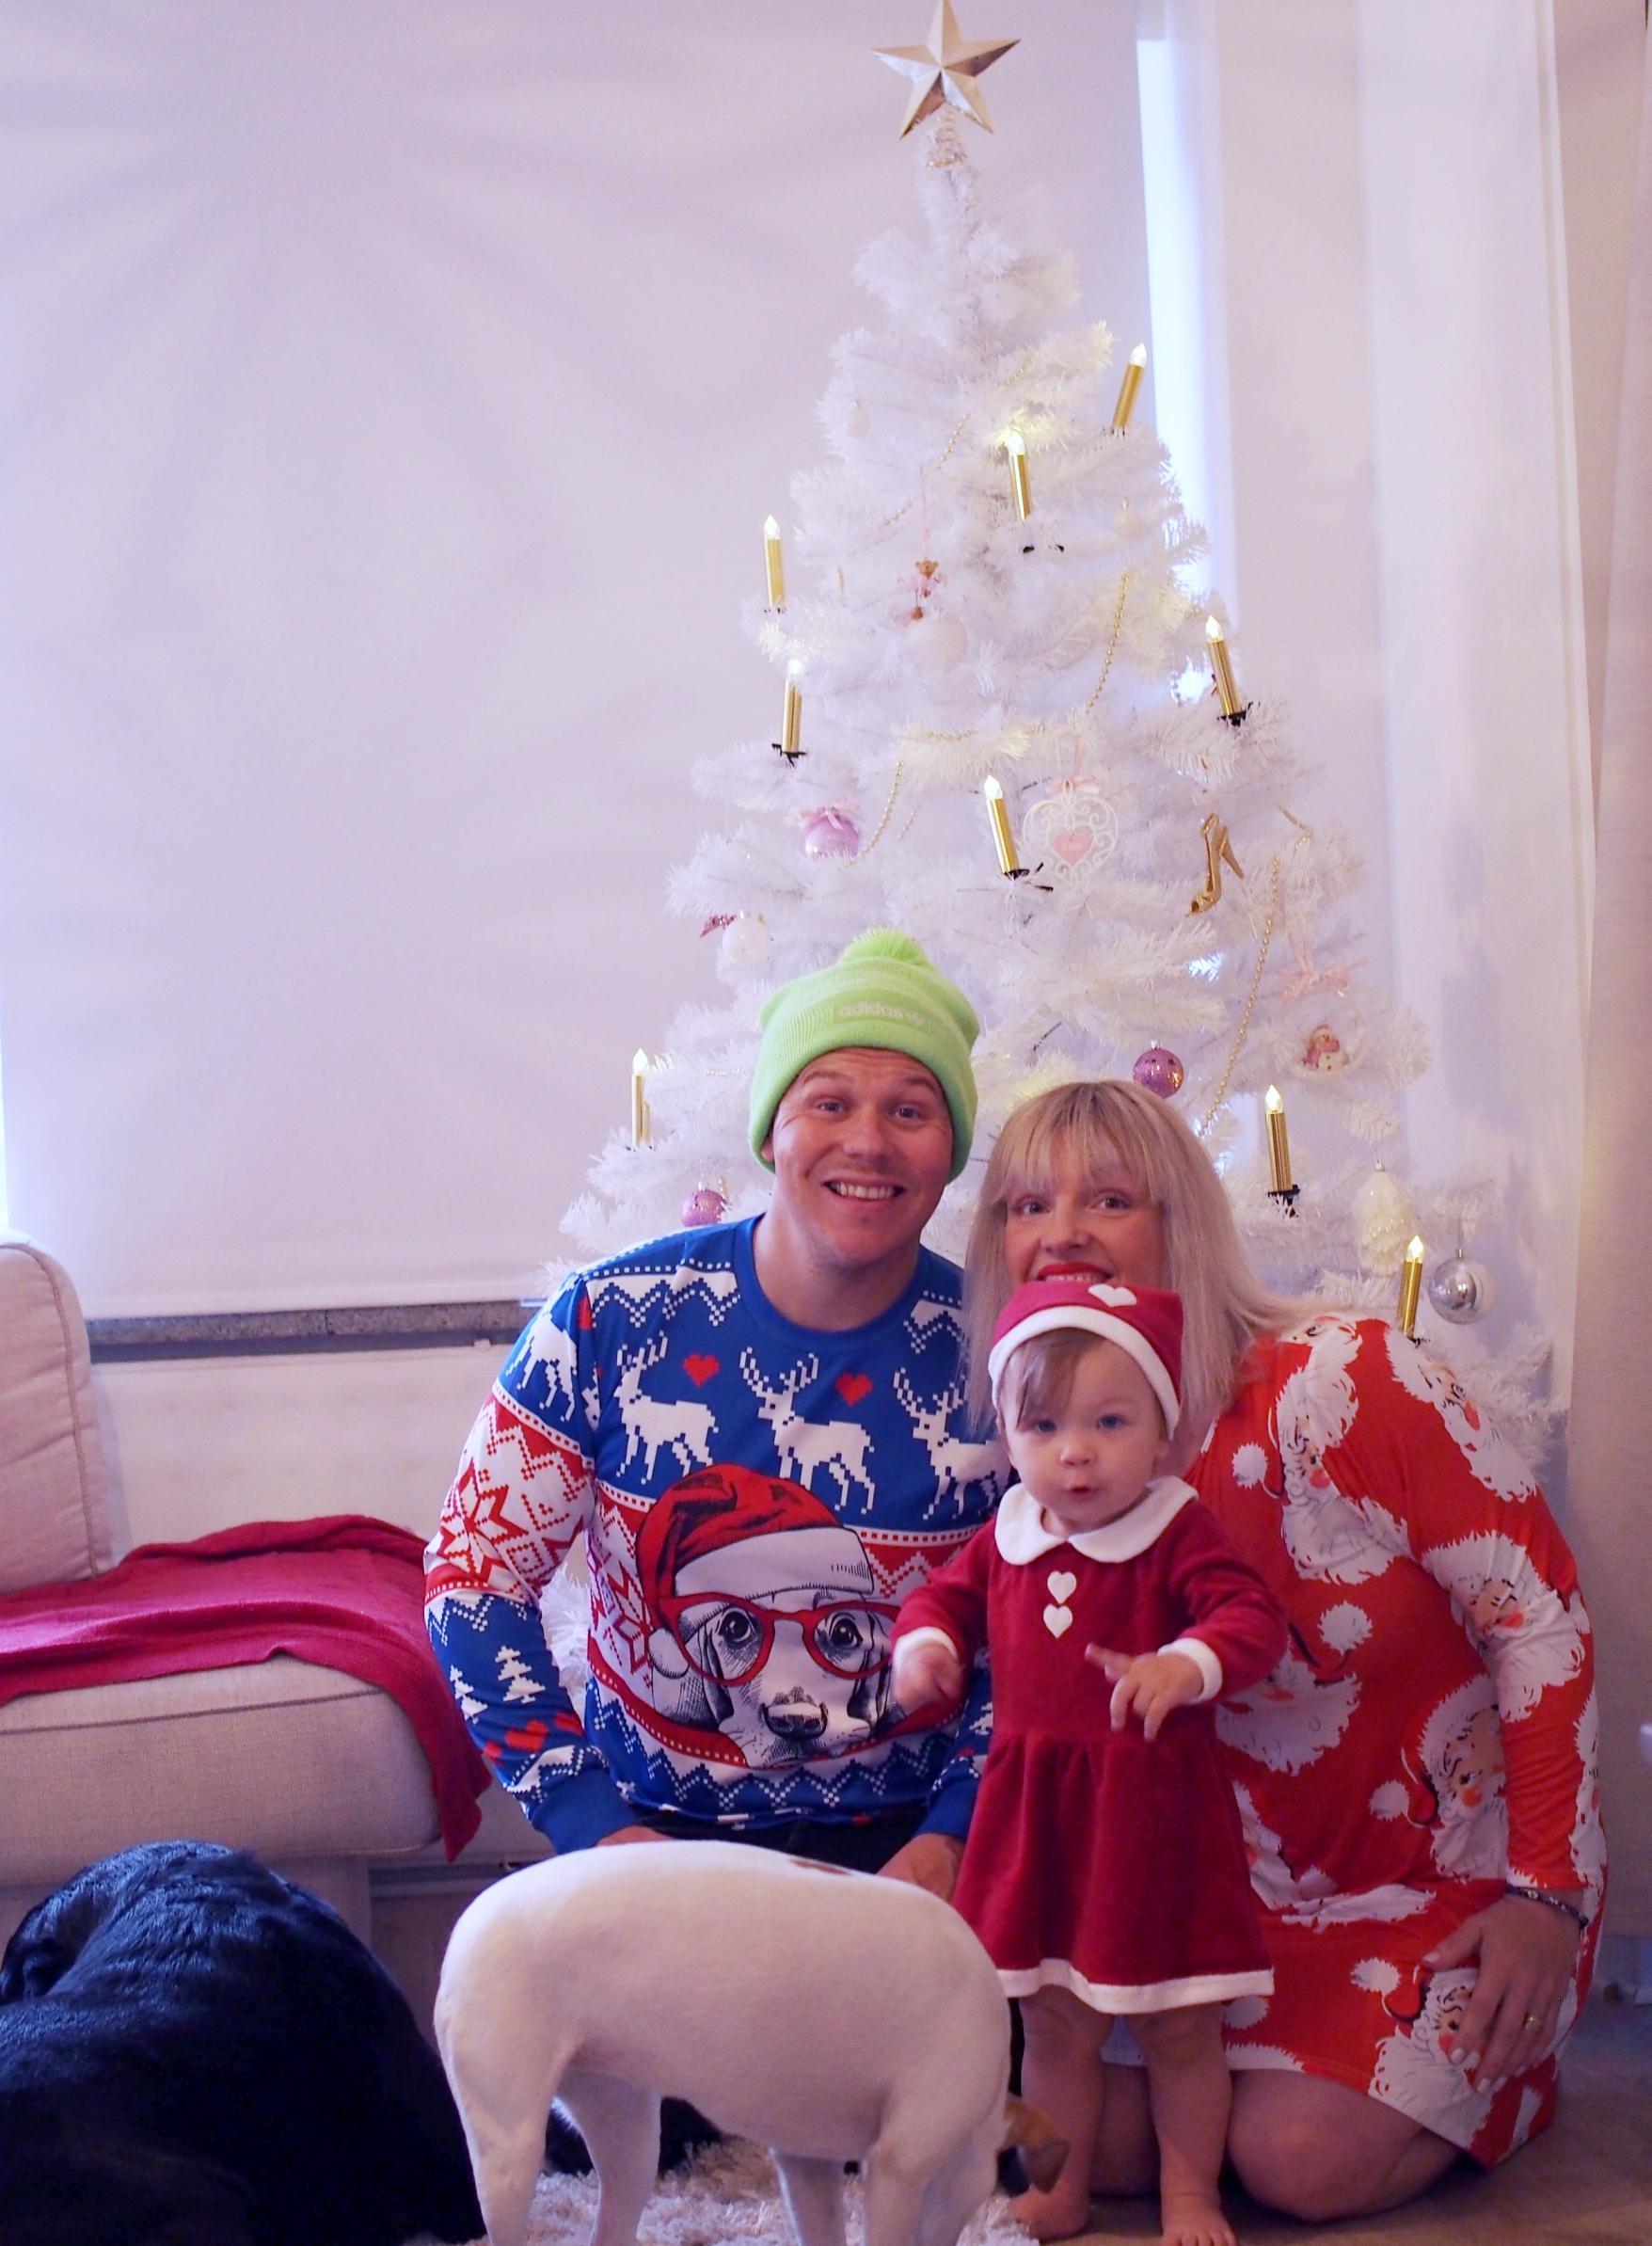 Hyvän joulun toivotus!